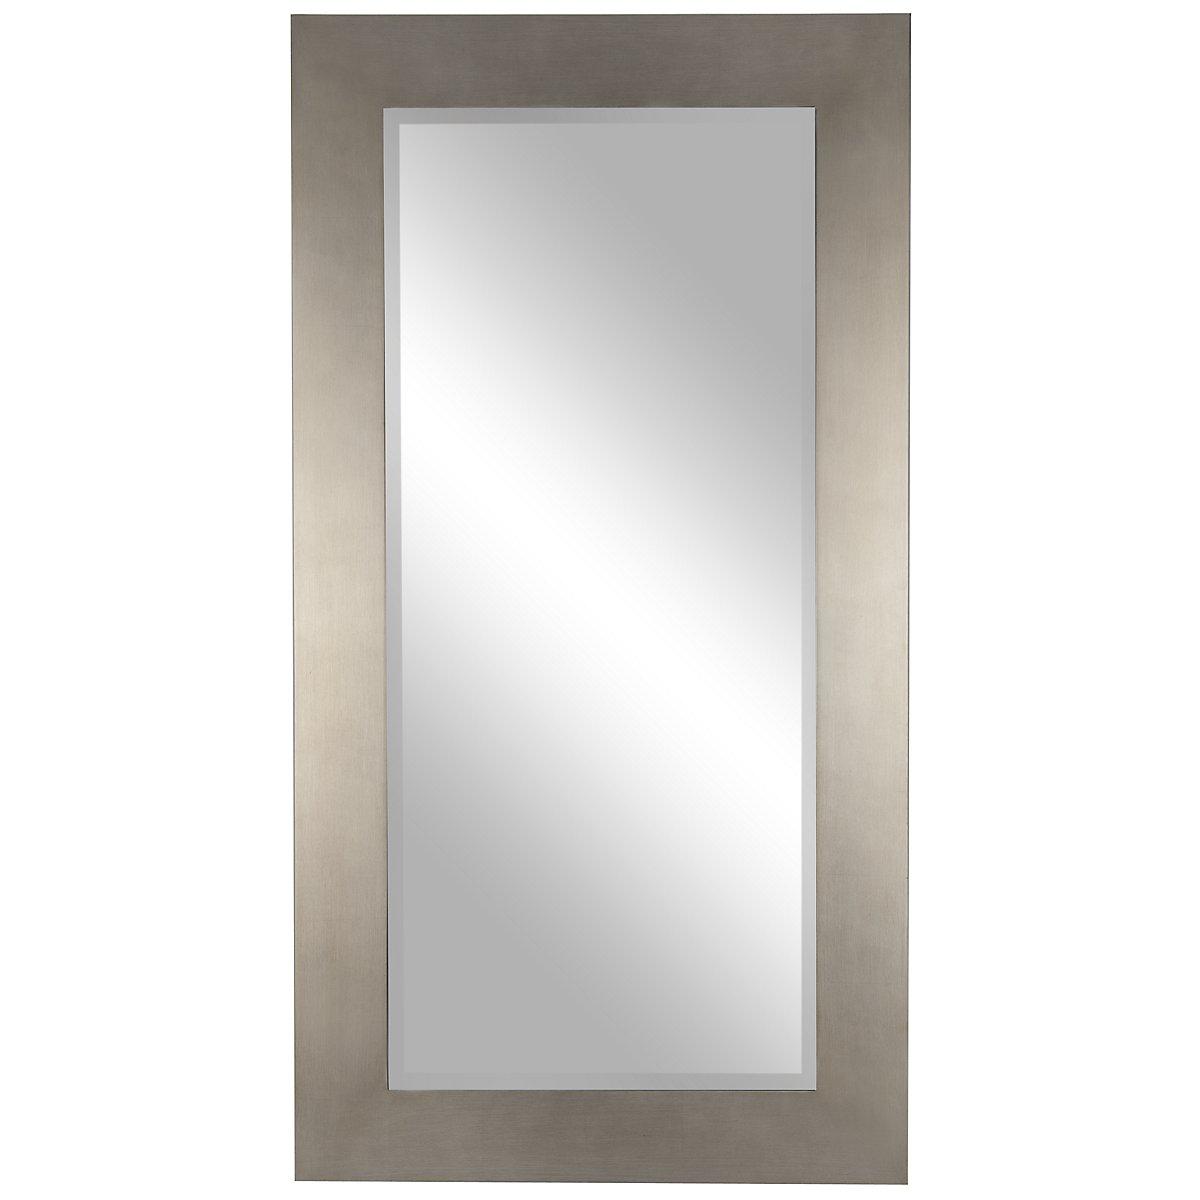 Shea Silver Floor Mirror